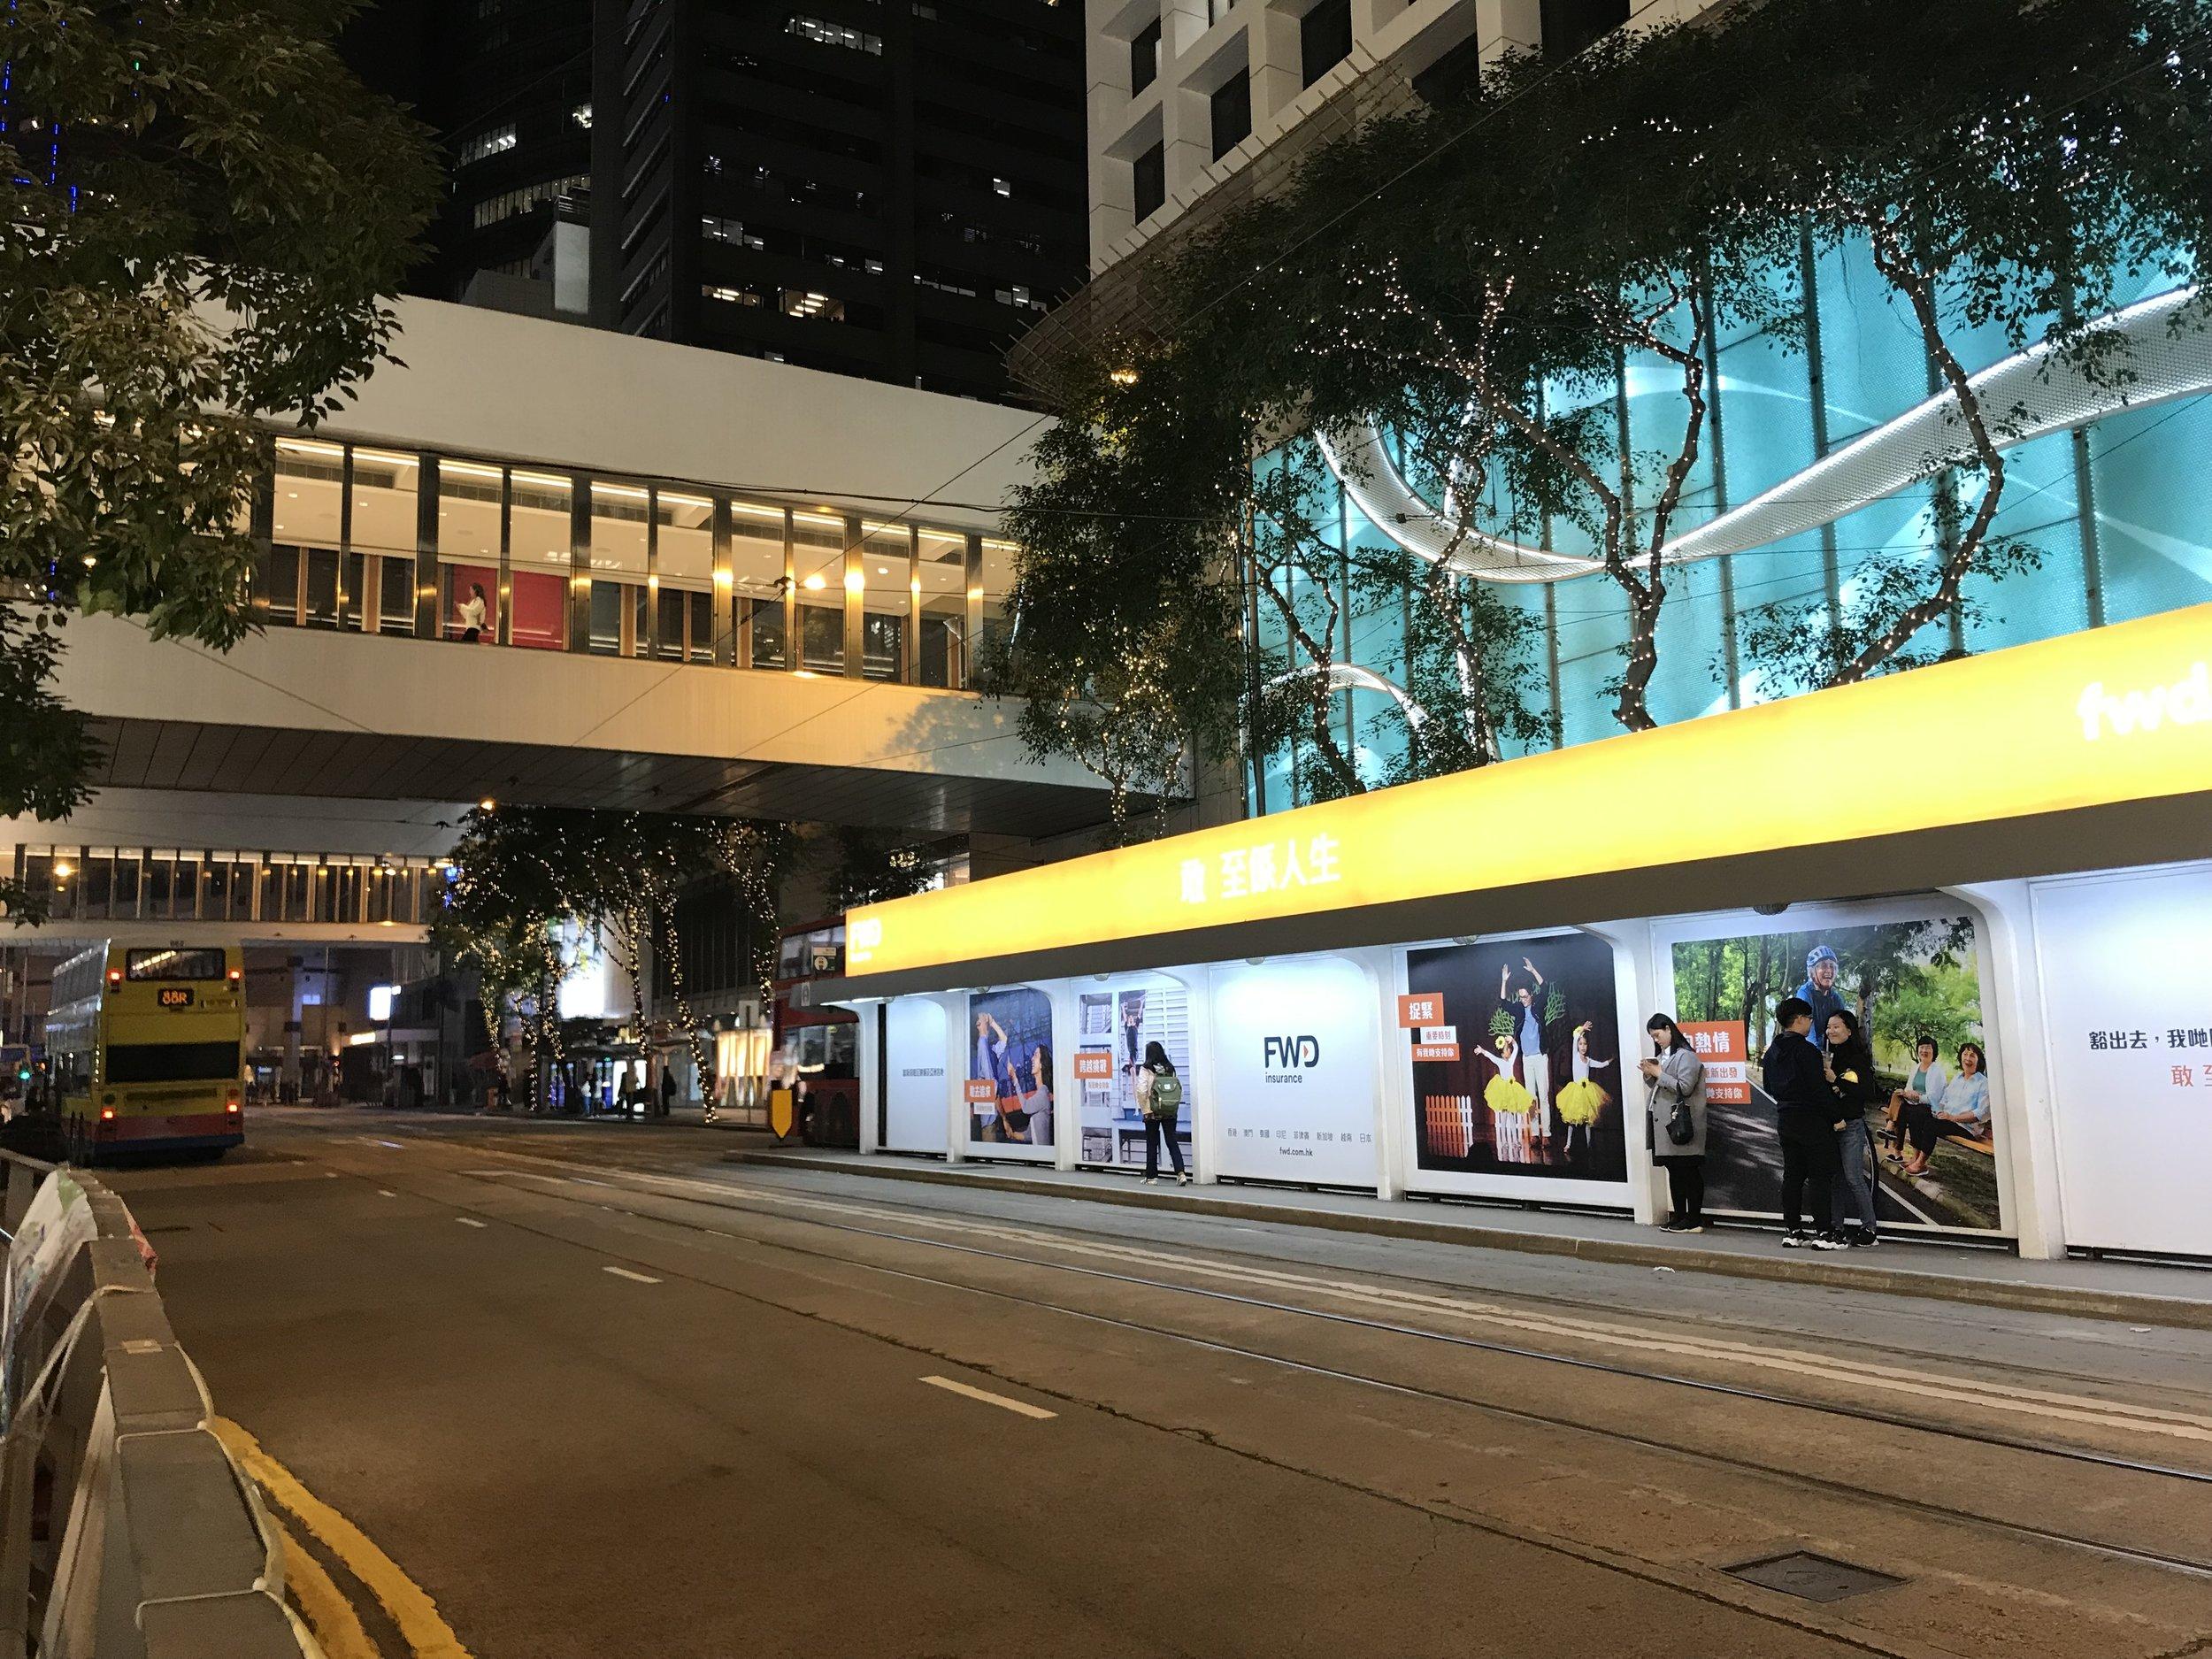 Sự tiếp tục phát triển trong xây dựng khiến các con đường của Hong Kong đều rất chật hẹp.